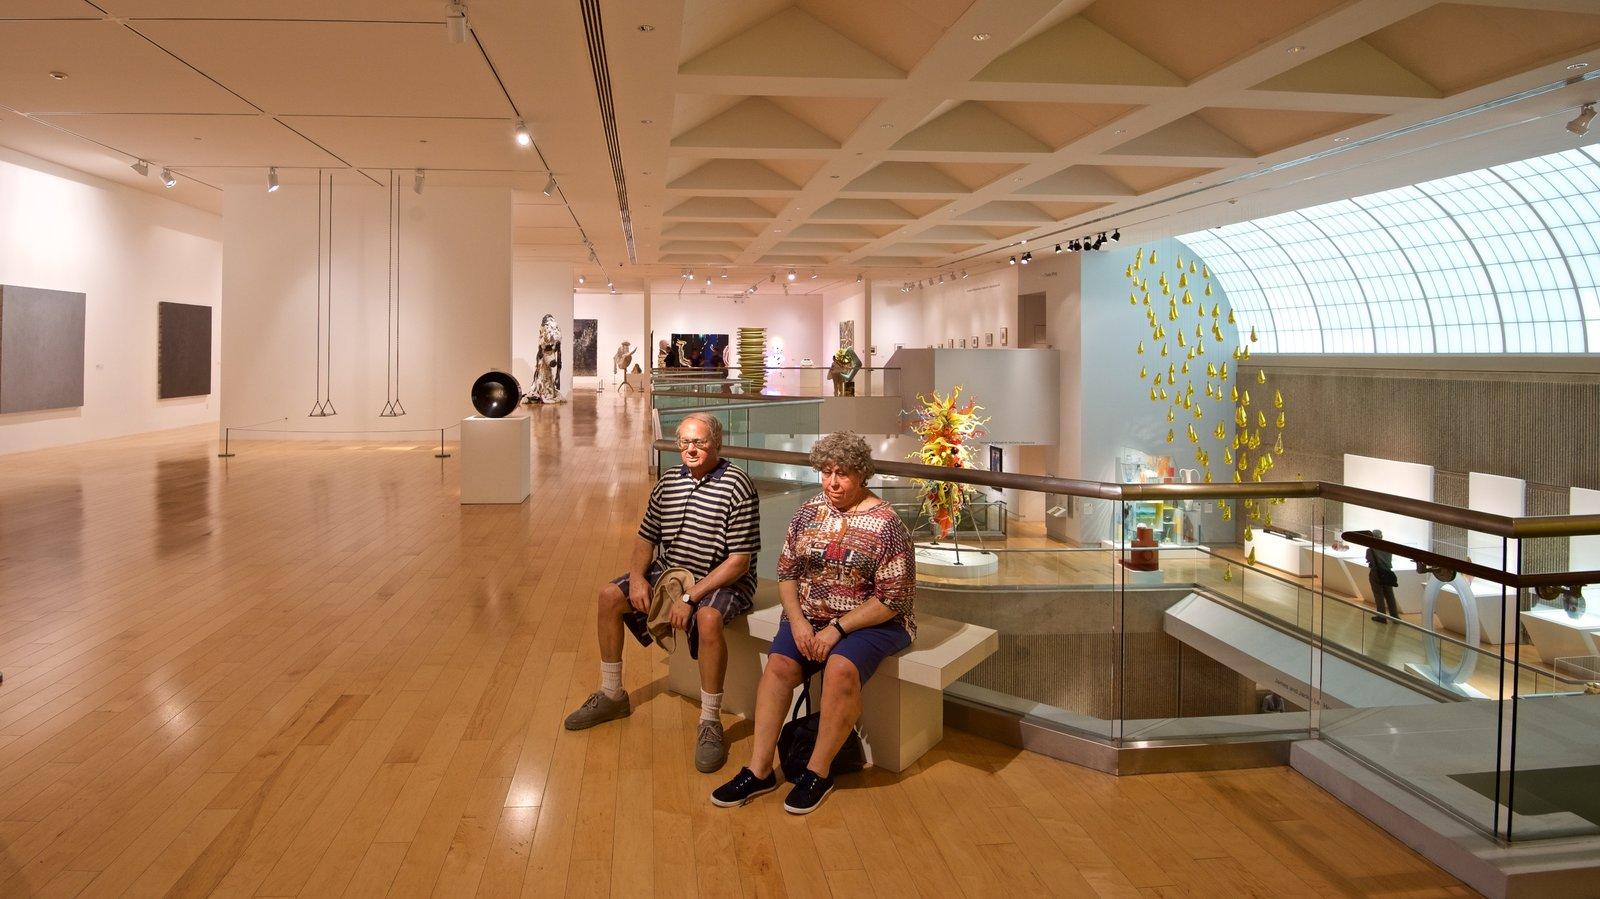 Palm Springs Art Museum caracterizando vistas internas assim como um casal